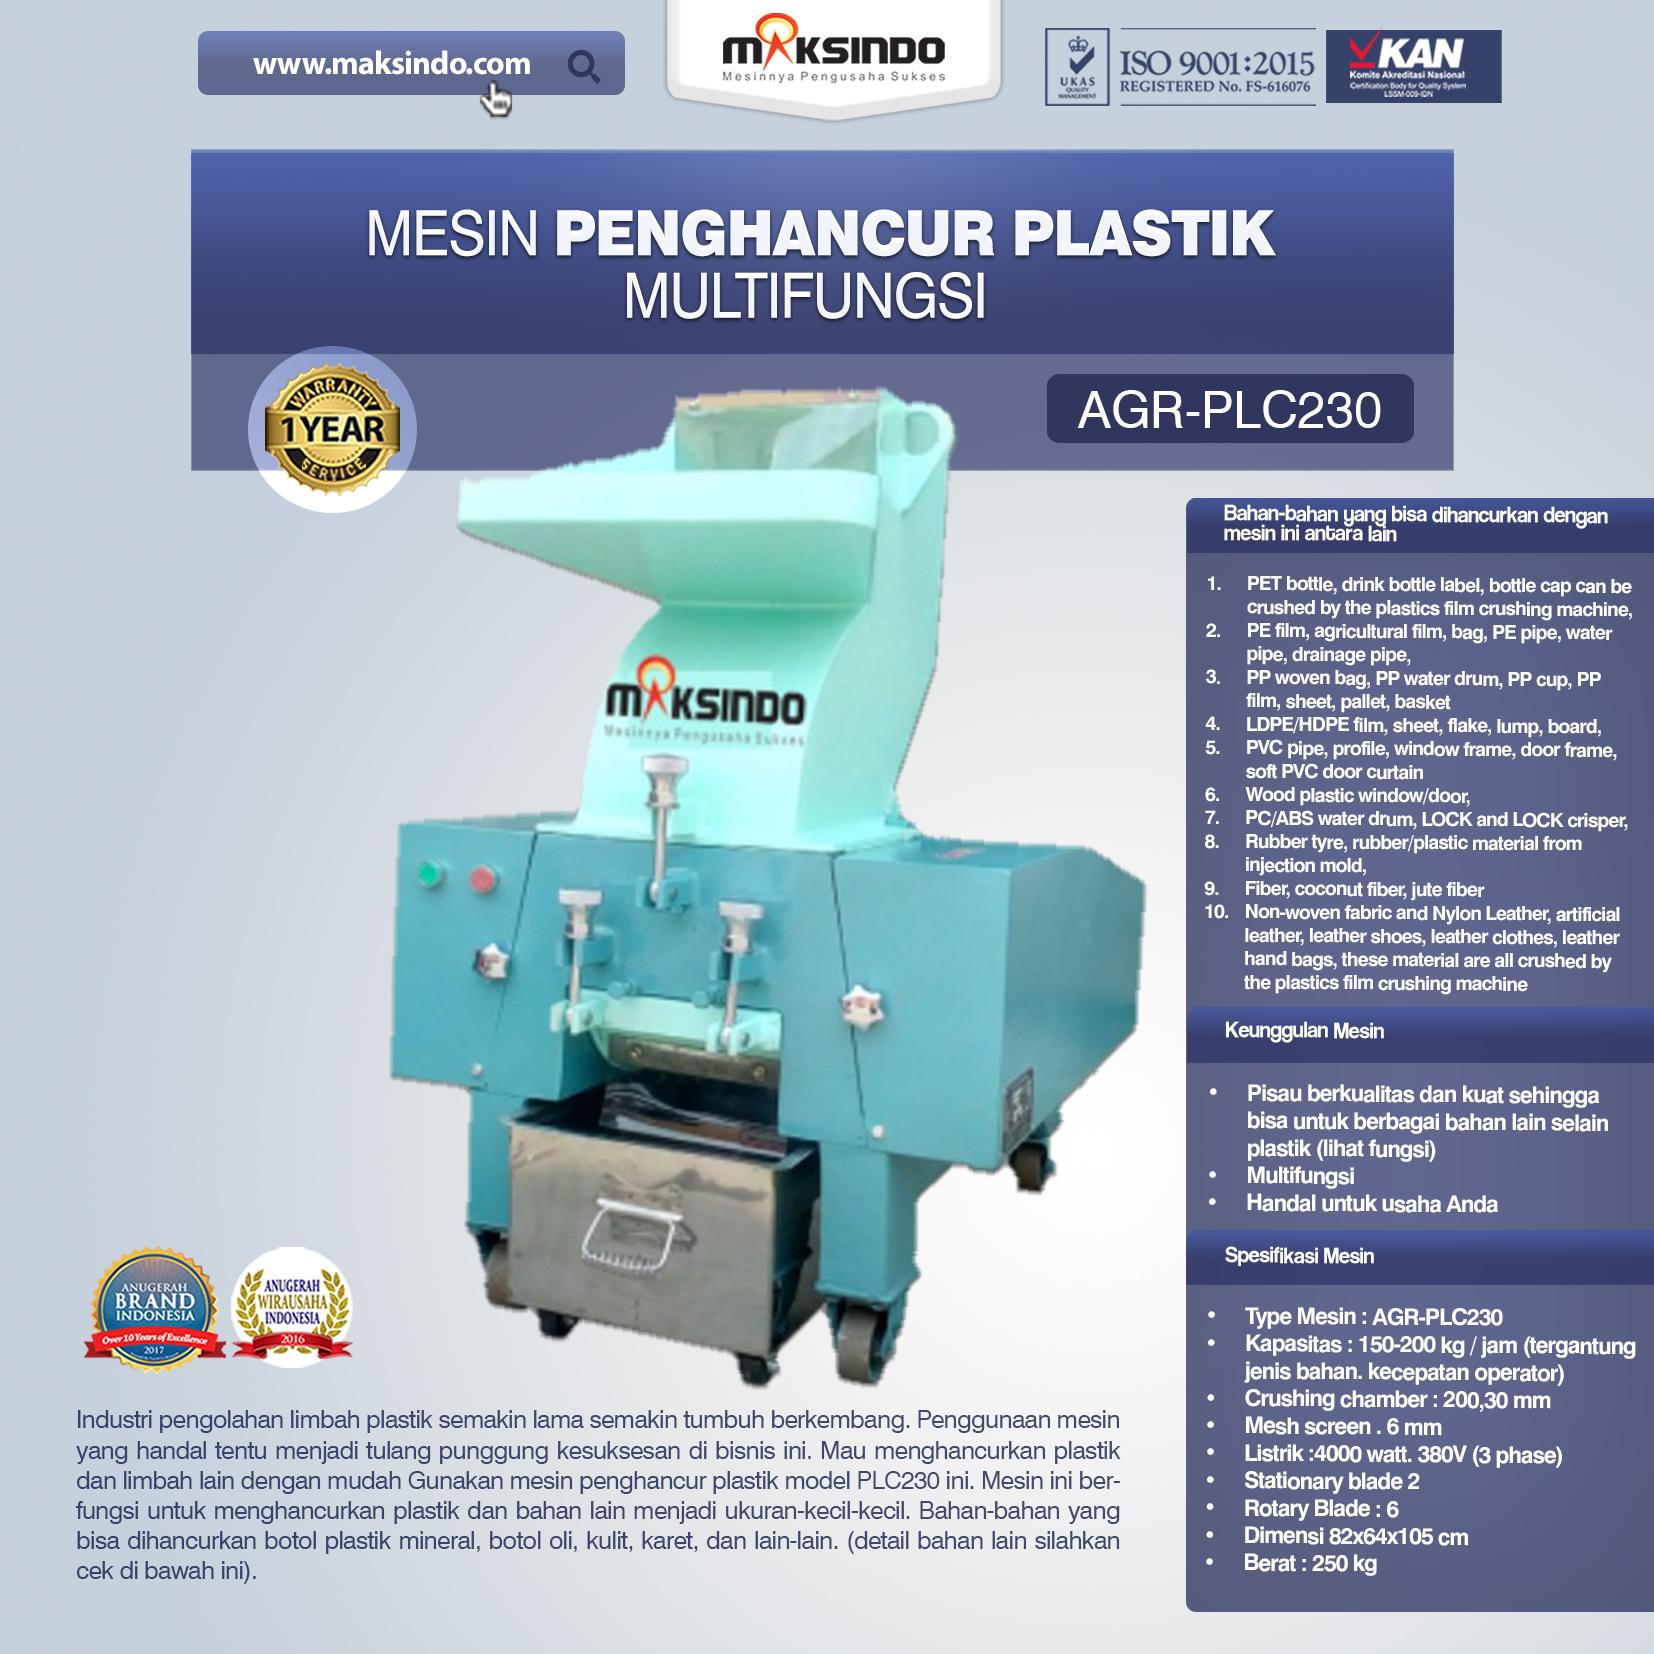 Jual Mesin Penghancur Plastik Multifungsi – PLC230 Di Medan